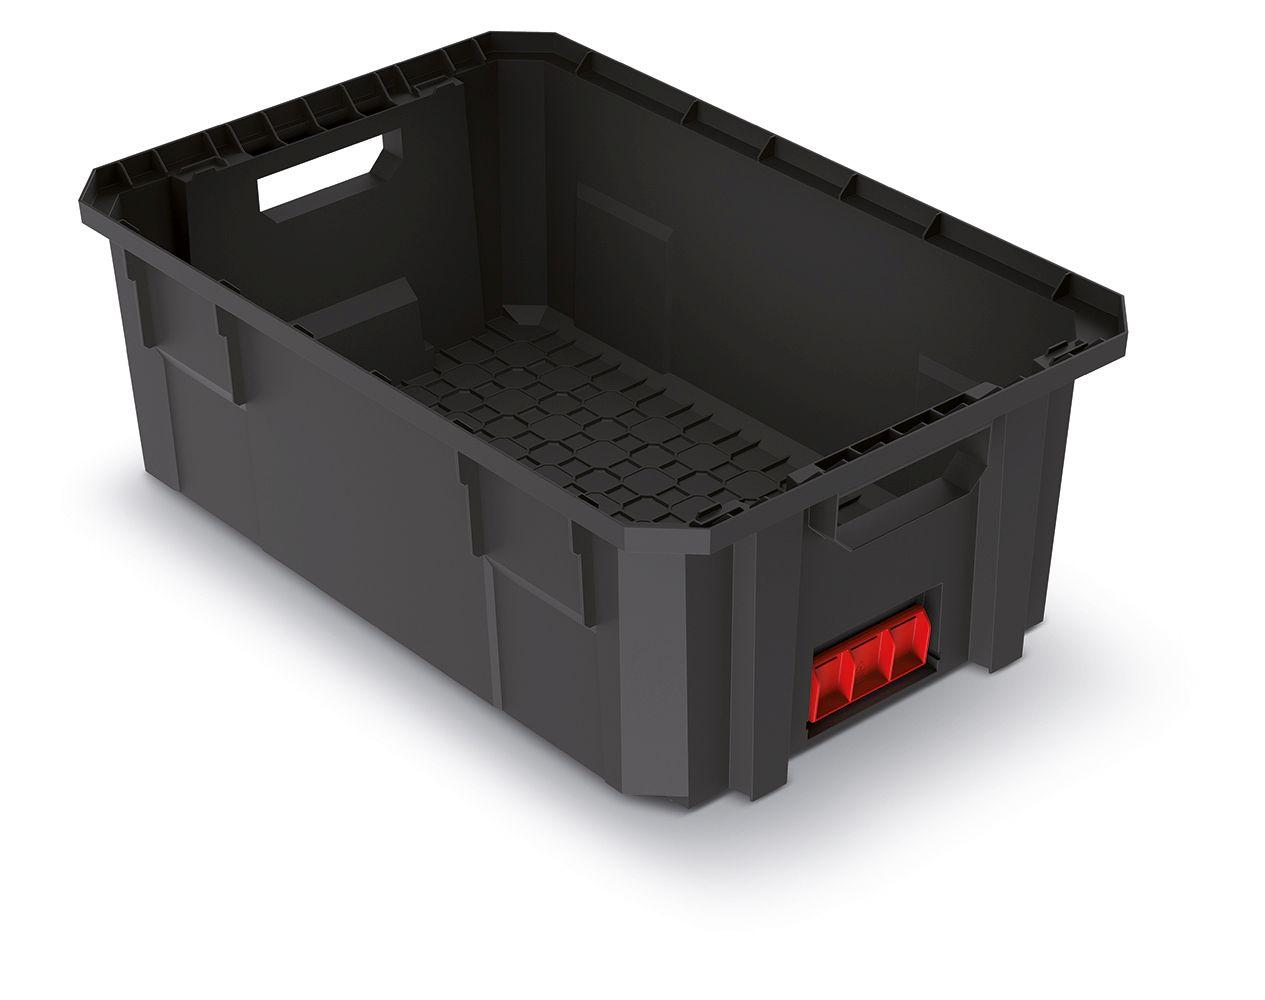 PROSPERPLAST Modulární přepravní box X BLOCK PRO černý 544x362x200